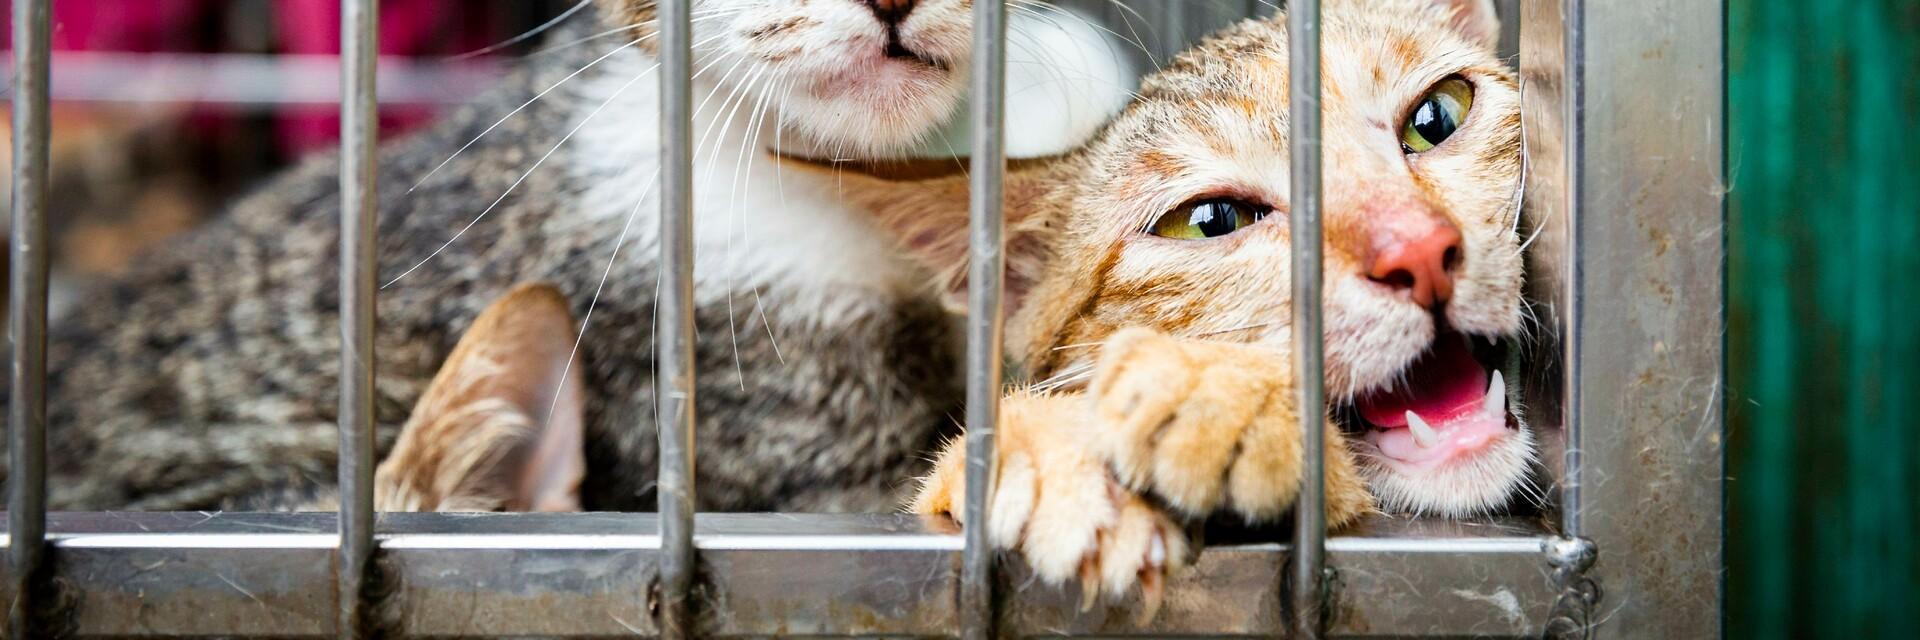 Katzen im Käfig